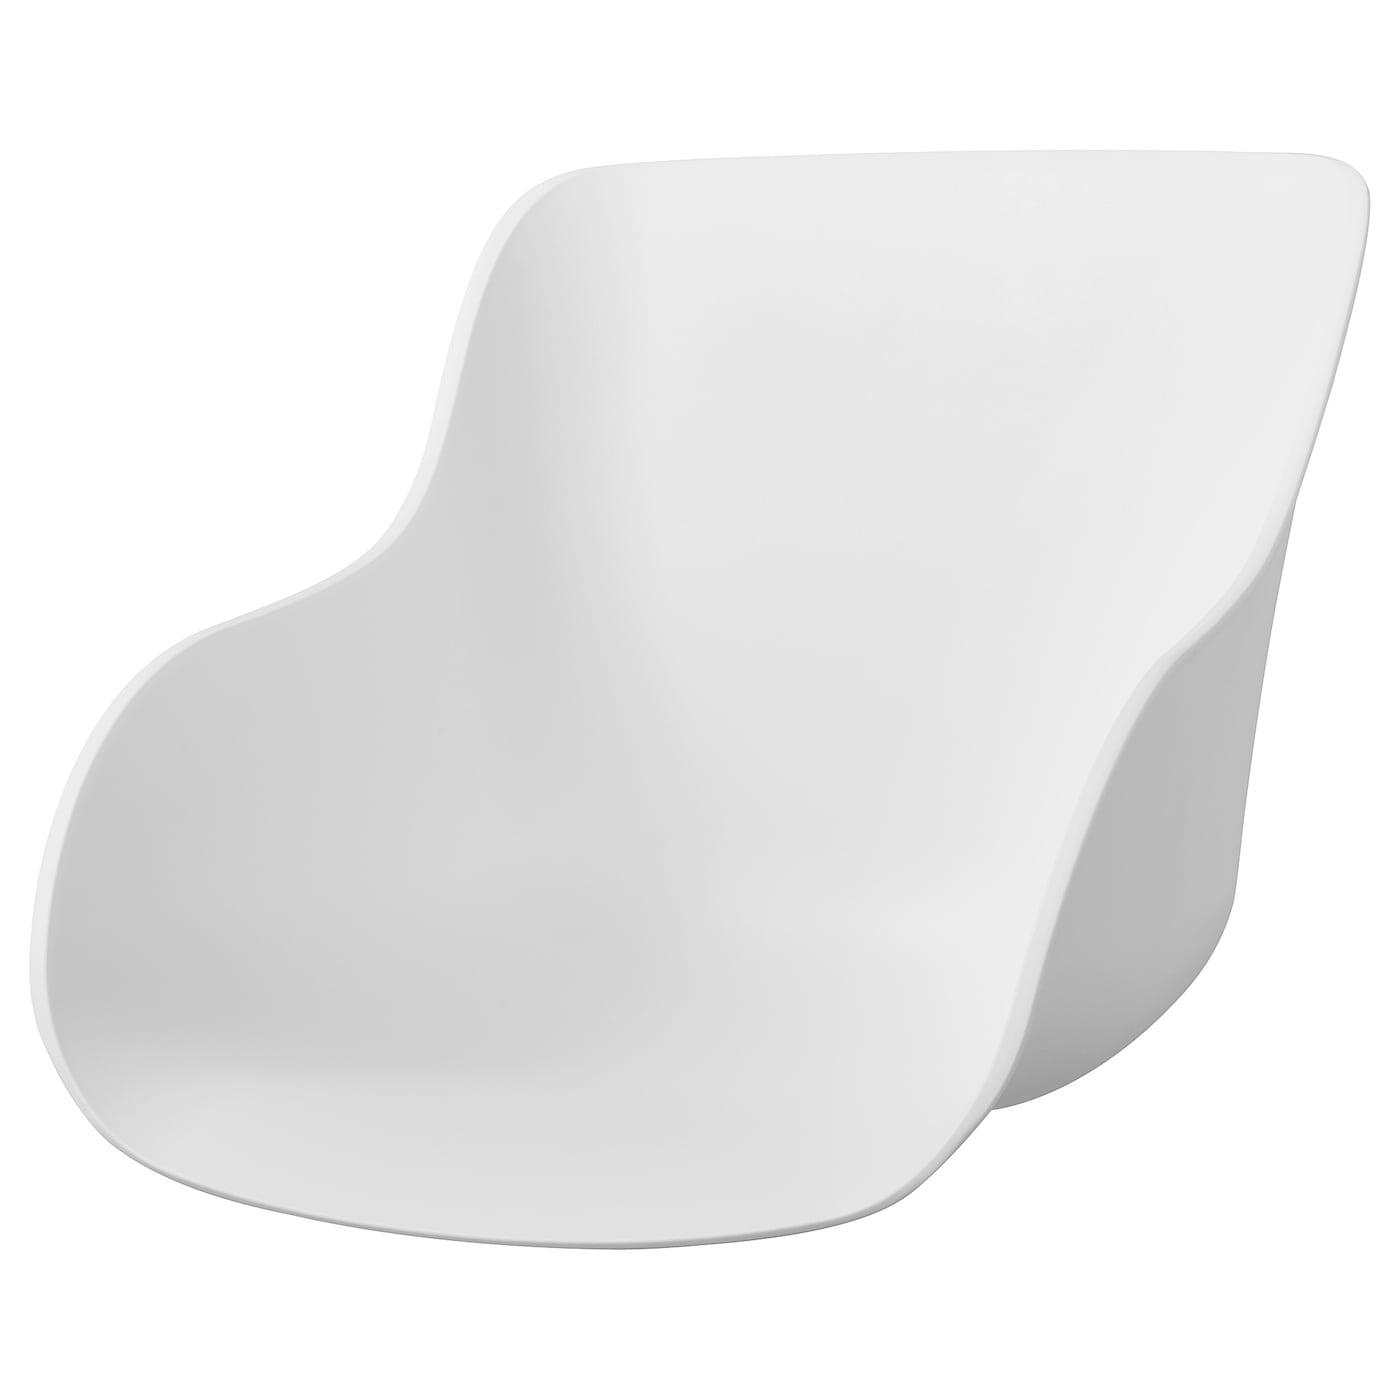 TORVID Chaise blanc, chêne